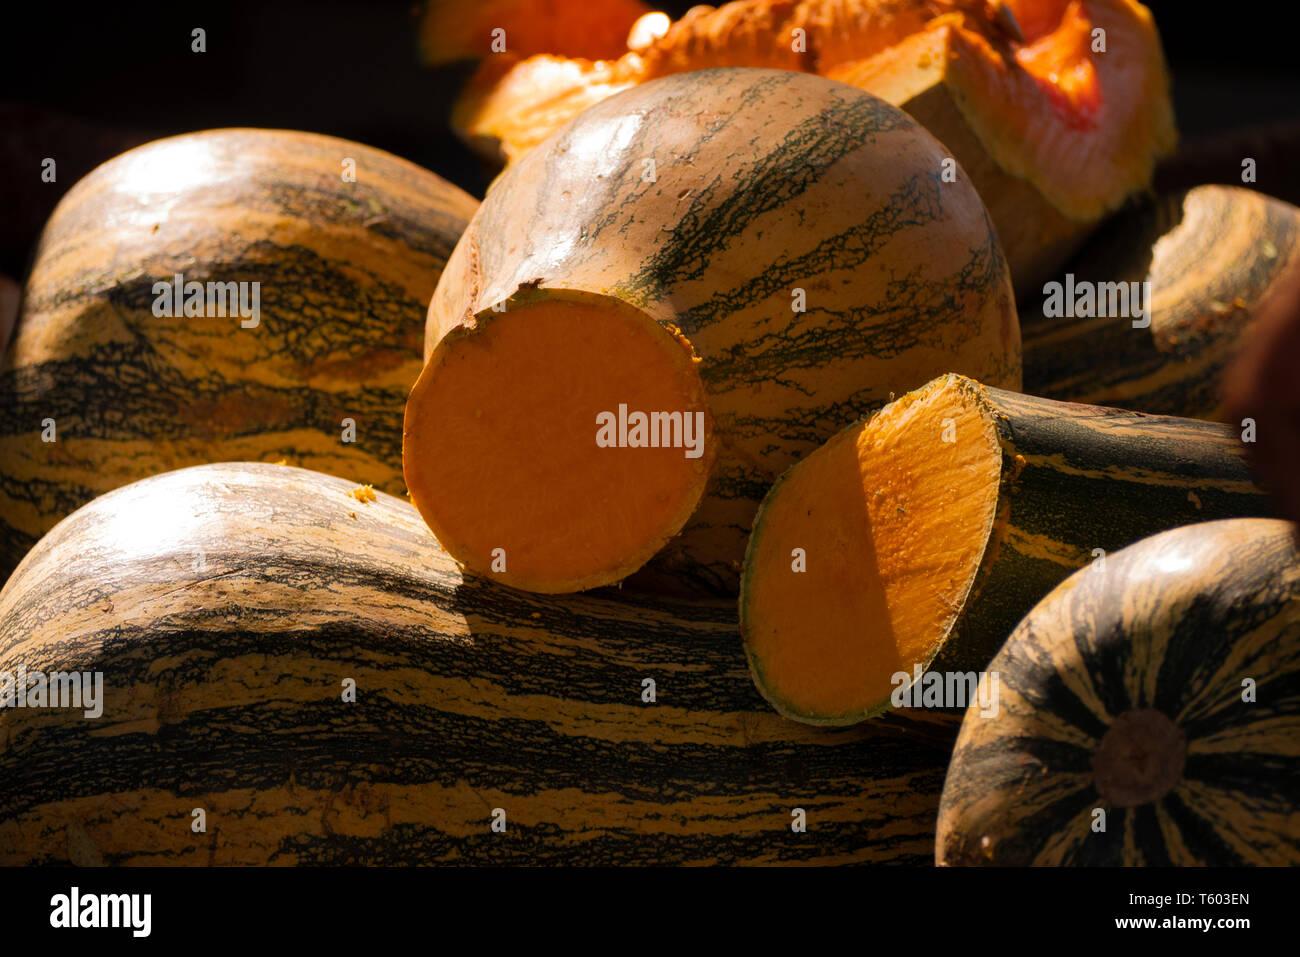 Zapallo o calabaza, fruto de origen americano difundido en la gastronomía de todo el mundo Immagini Stock